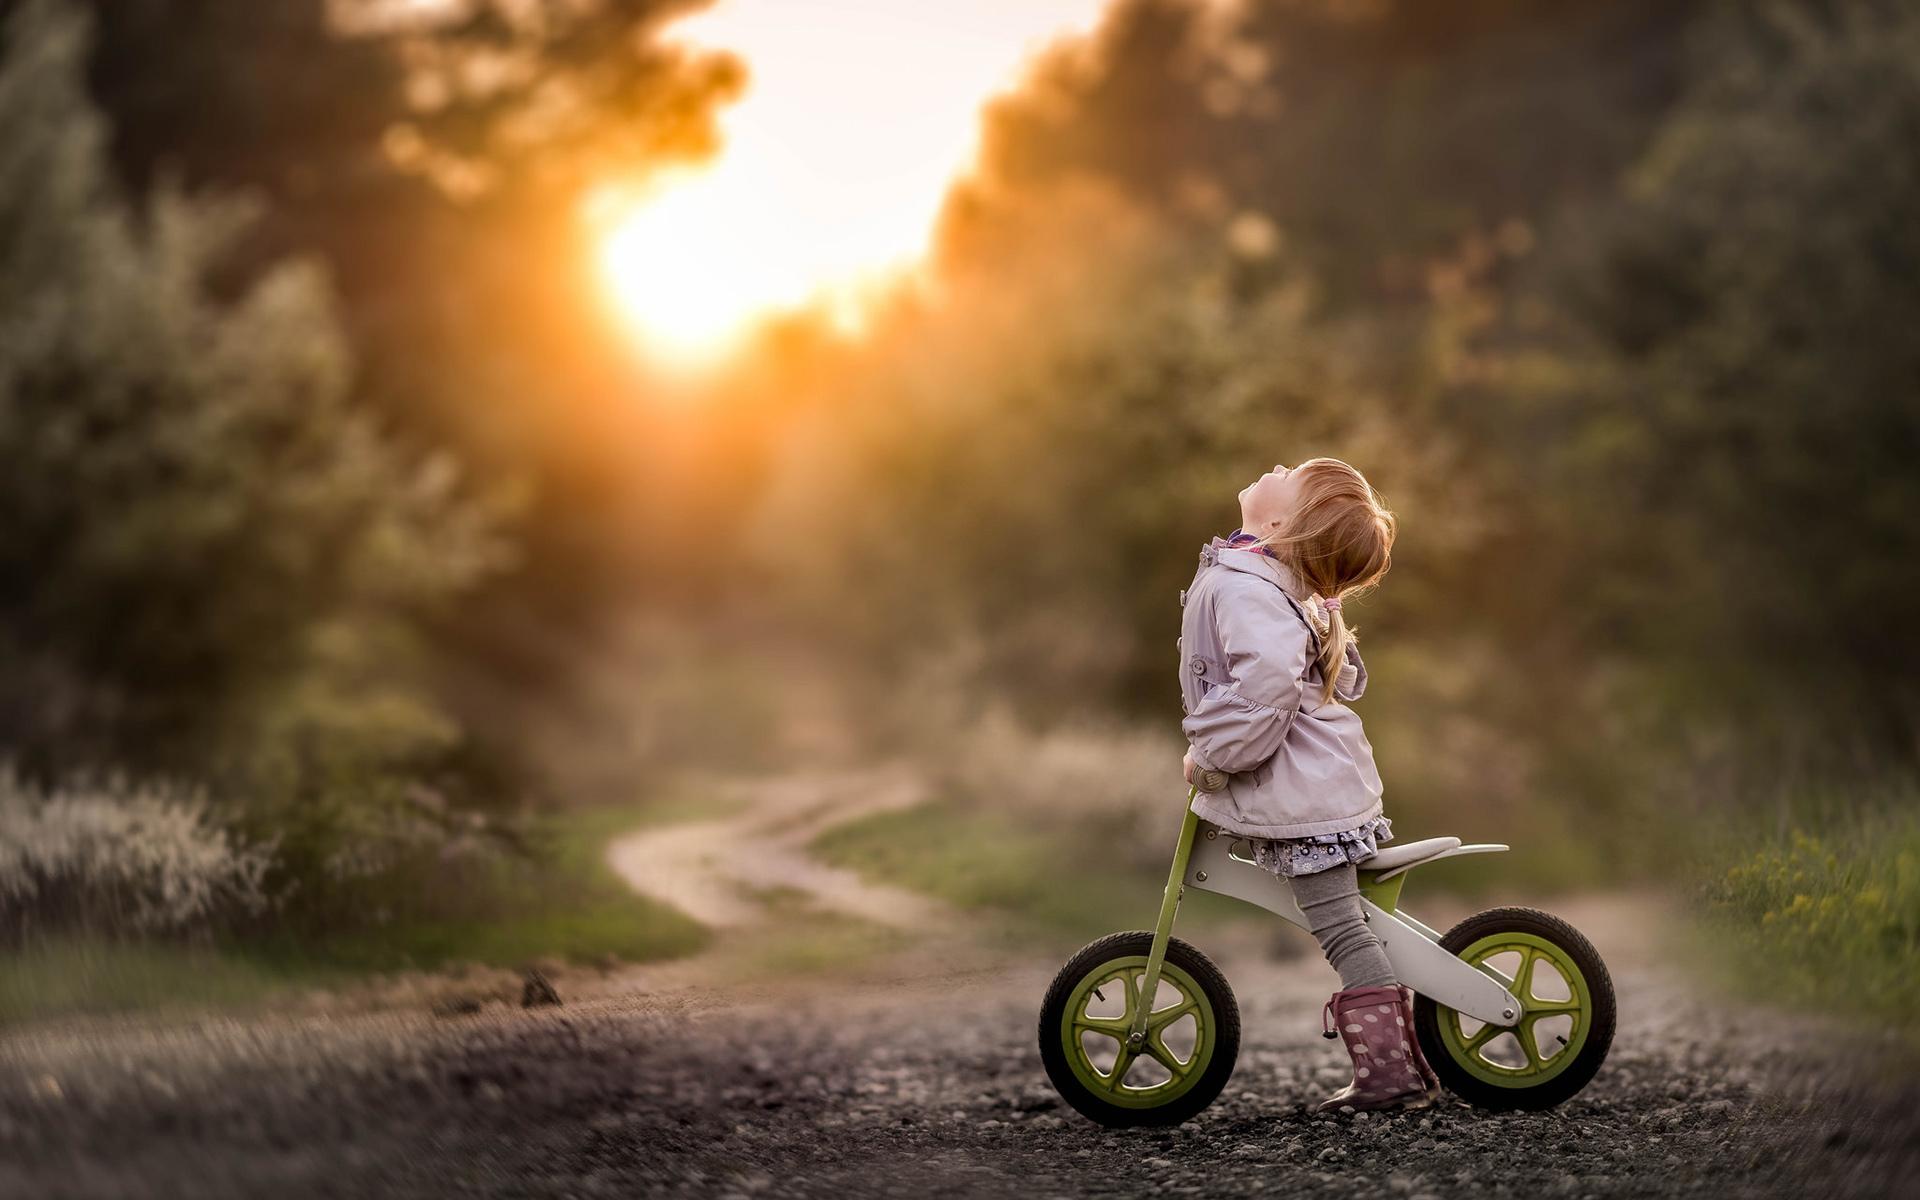 Картинка: Девочка, прогулка, велосипед, лето, вечер, закат, дорога, тропинка, деревья, лес